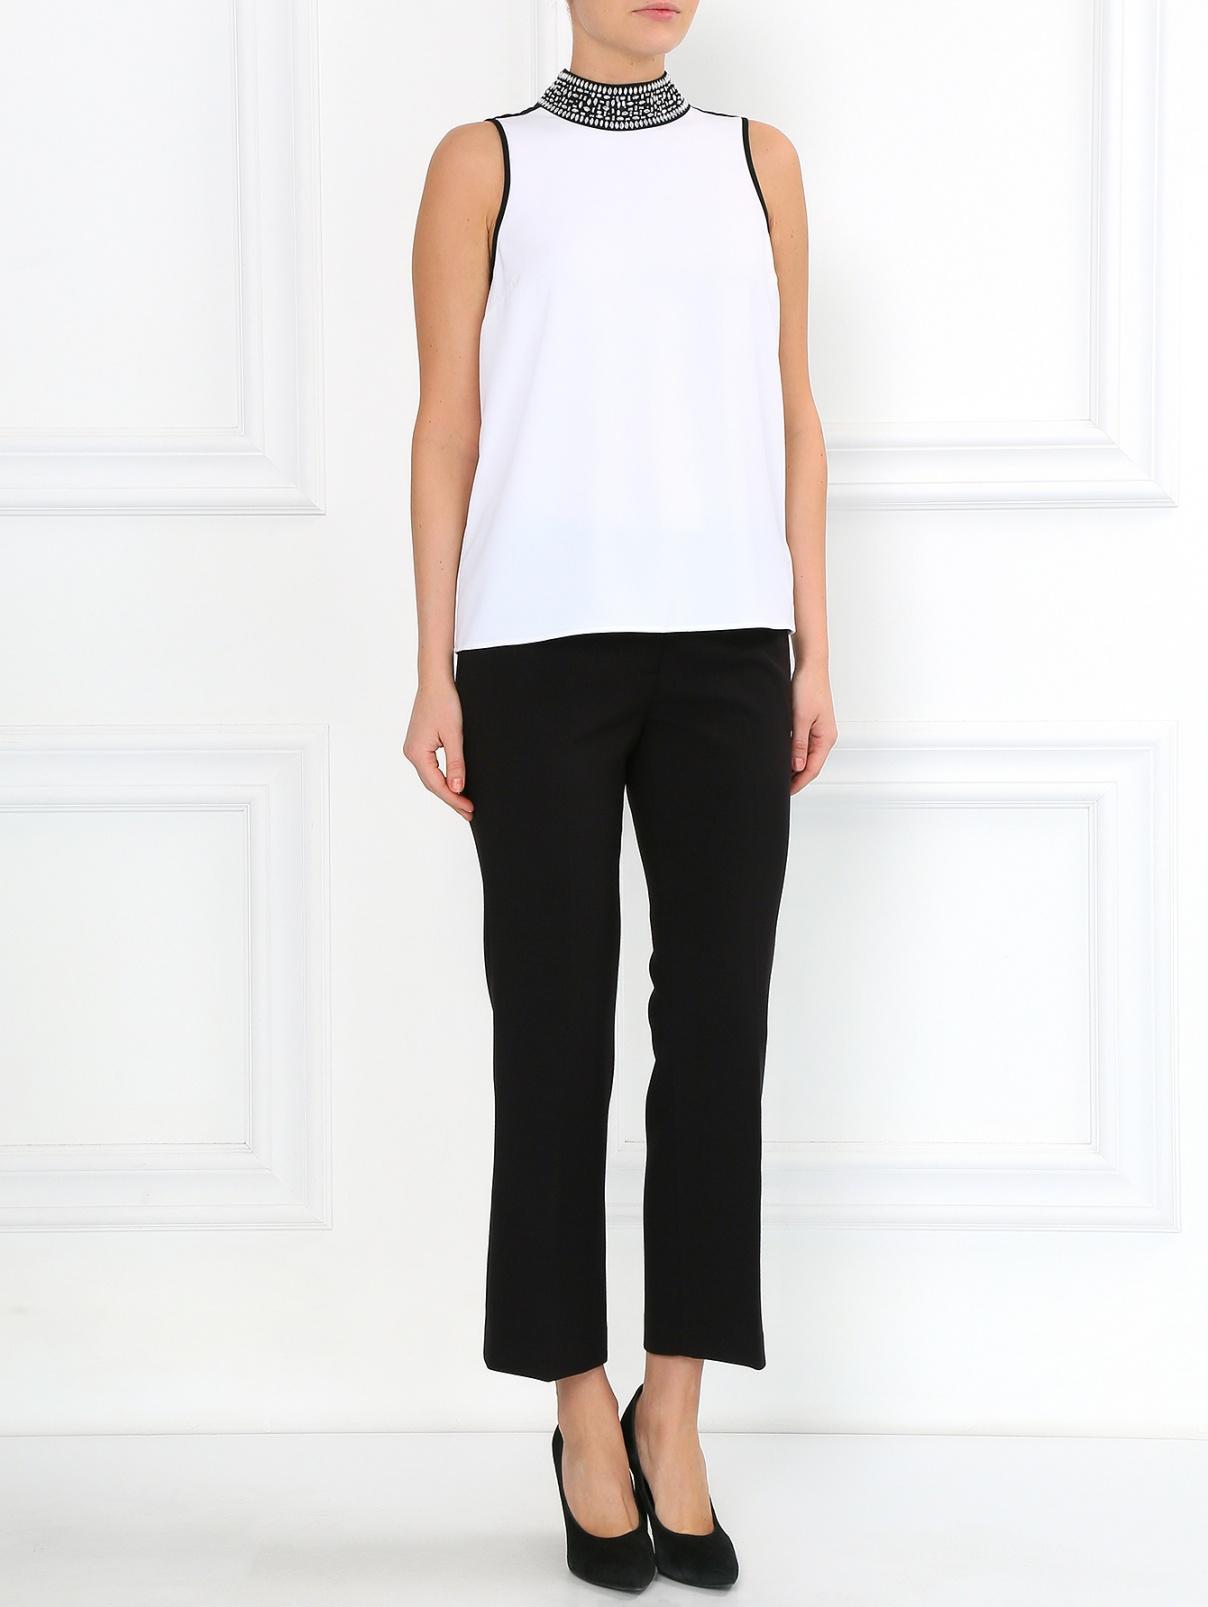 Укороченные брюки с боковыми карманами Michael by Michael Kors  –  Модель Общий вид